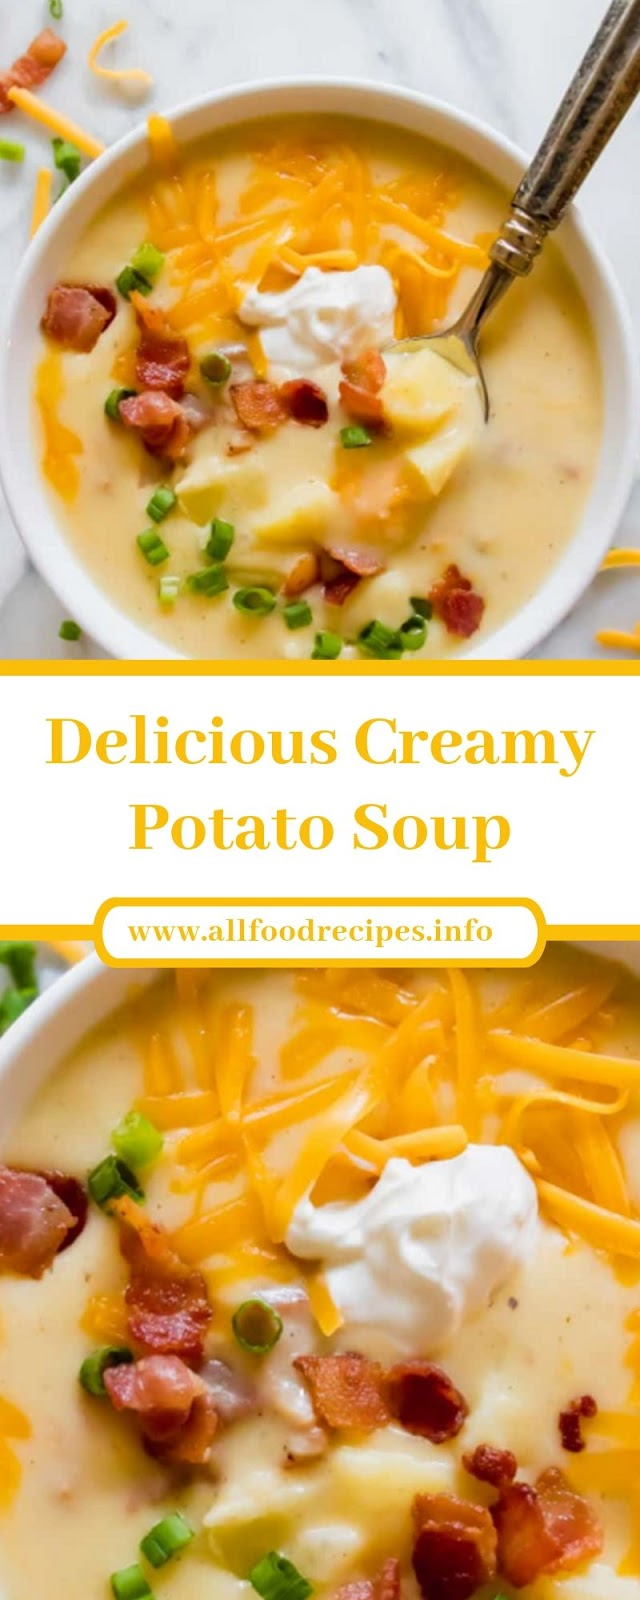 Delicious Creamy Potato Soup